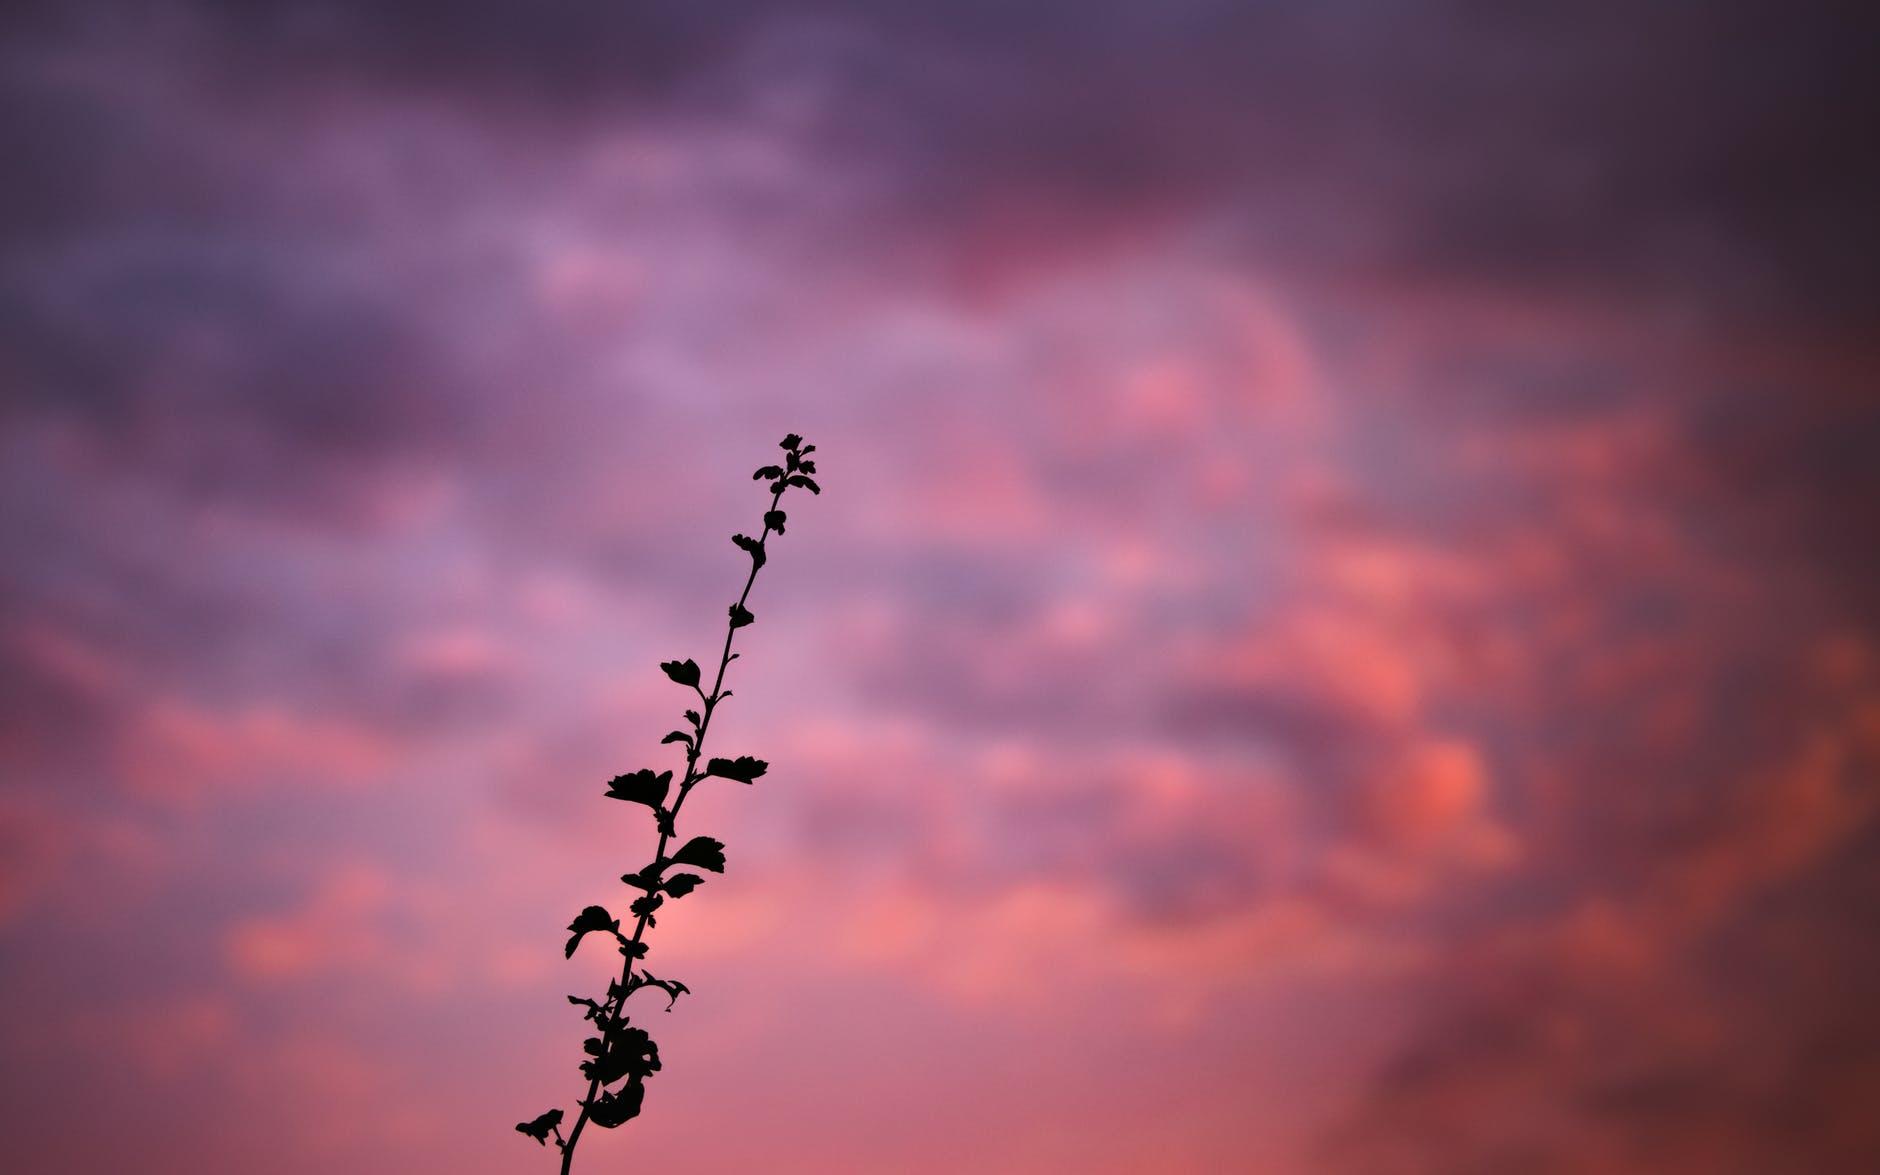 light dawn landscape nature